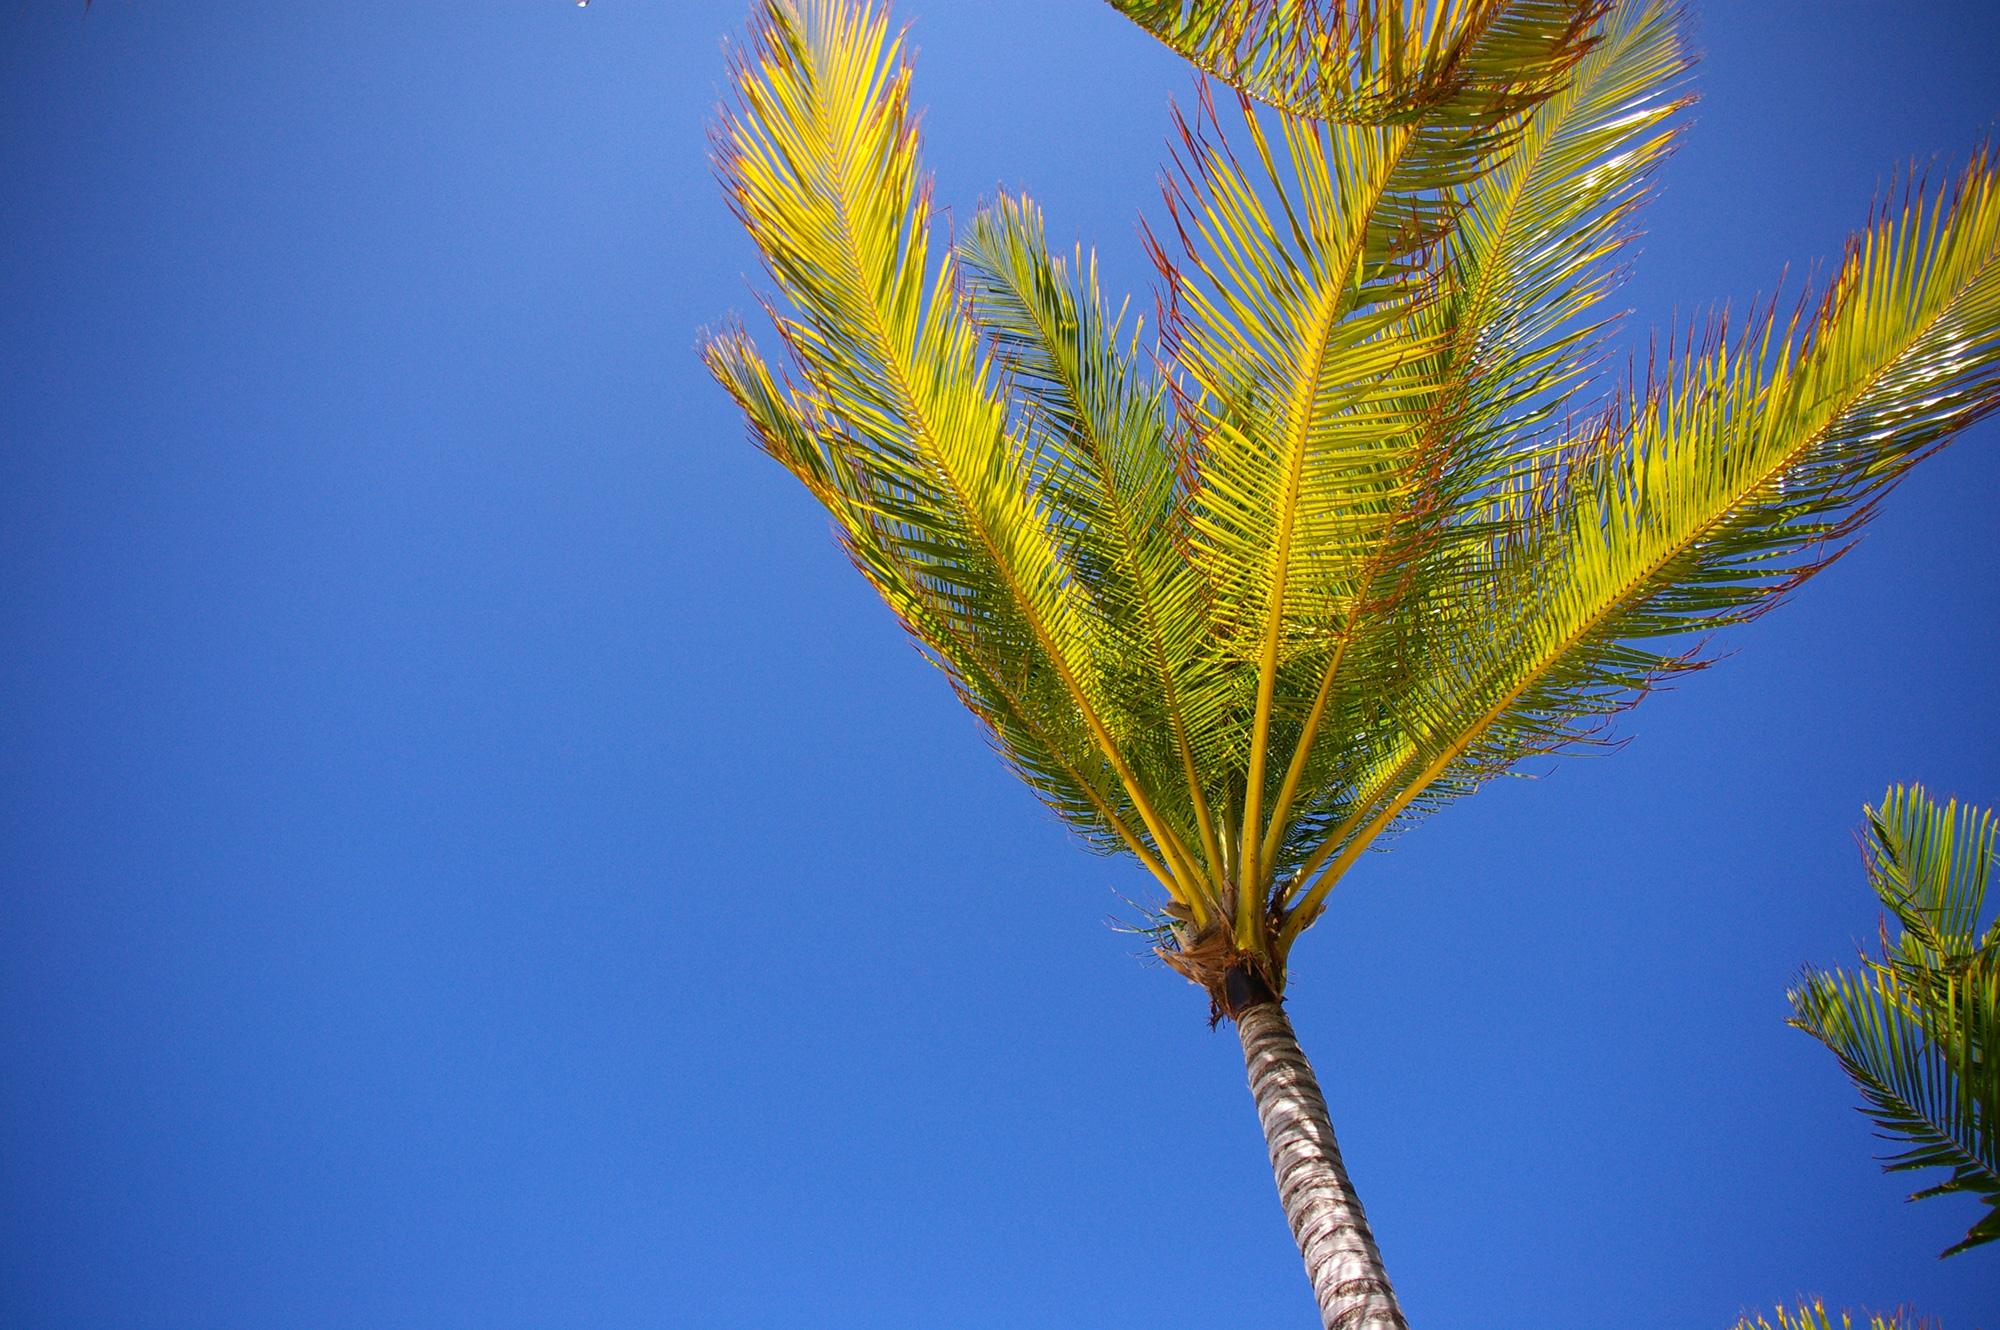 風に吹かれる椰子のフリー写真素材